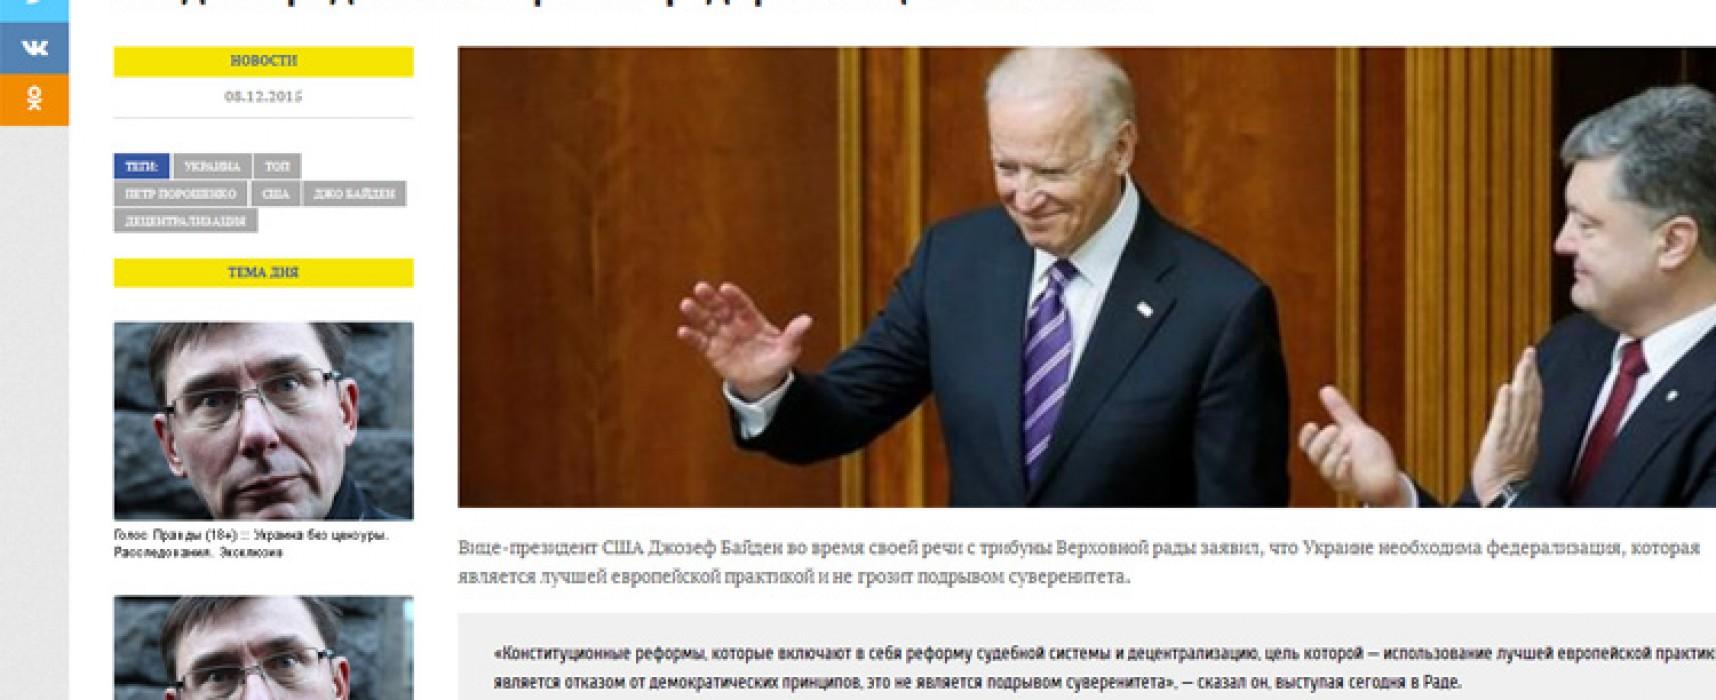 Фейк: Байден предложил Украине федерализацию